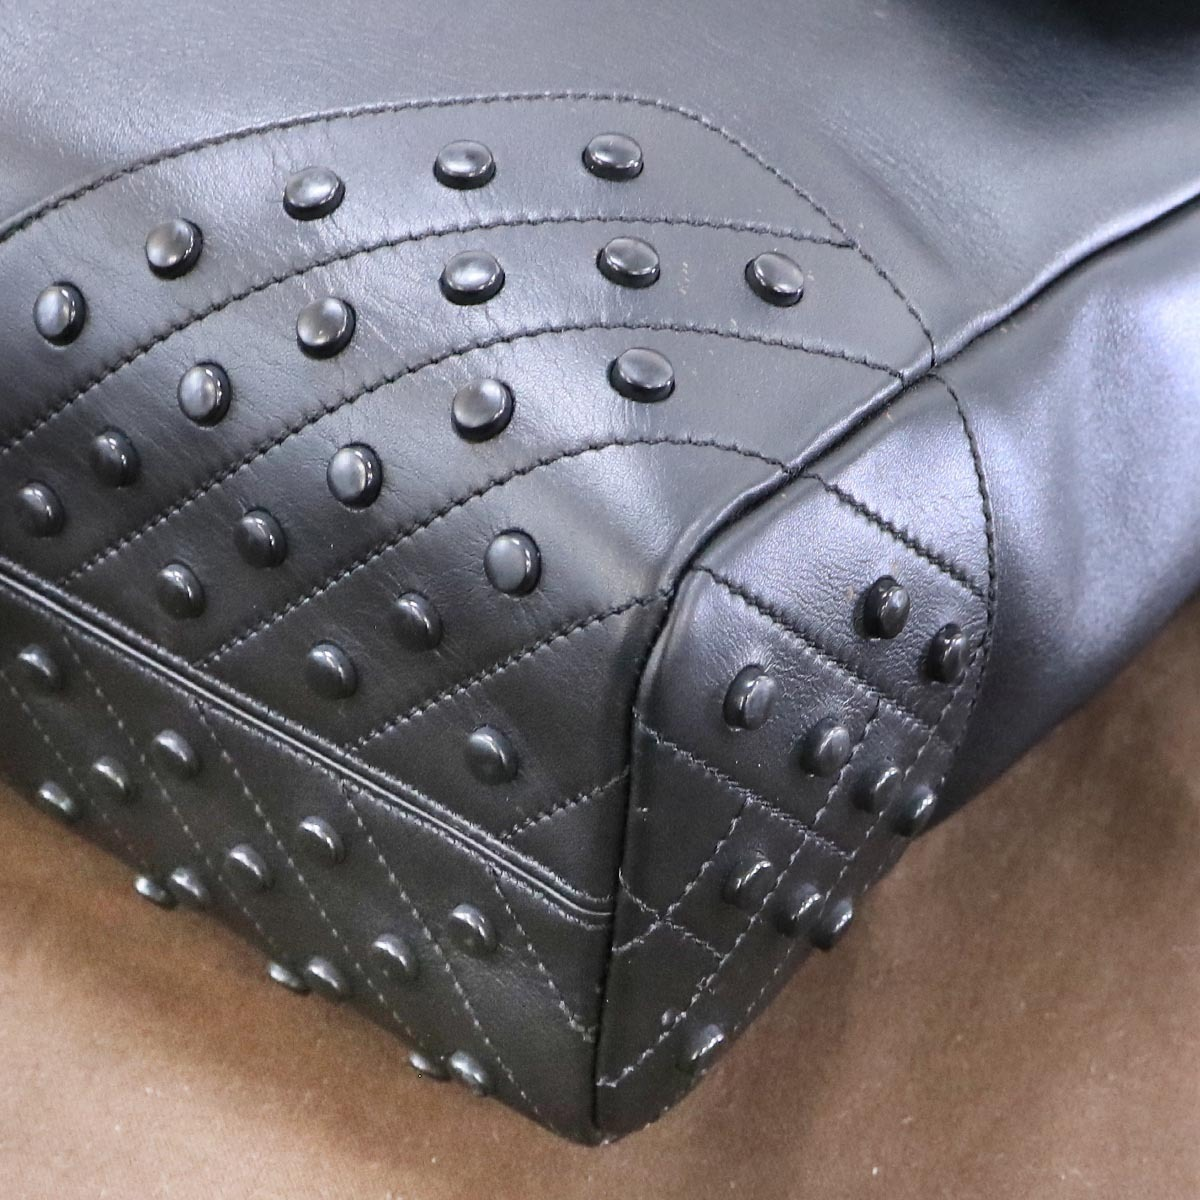 本物 新品同 トッズ 絶盤 メンズランウェイ限定 ゴンミーニ 2WAYメンズビジネスバッグ ブラック A4書類ブリーフケース トートバッグ TODS_画像7